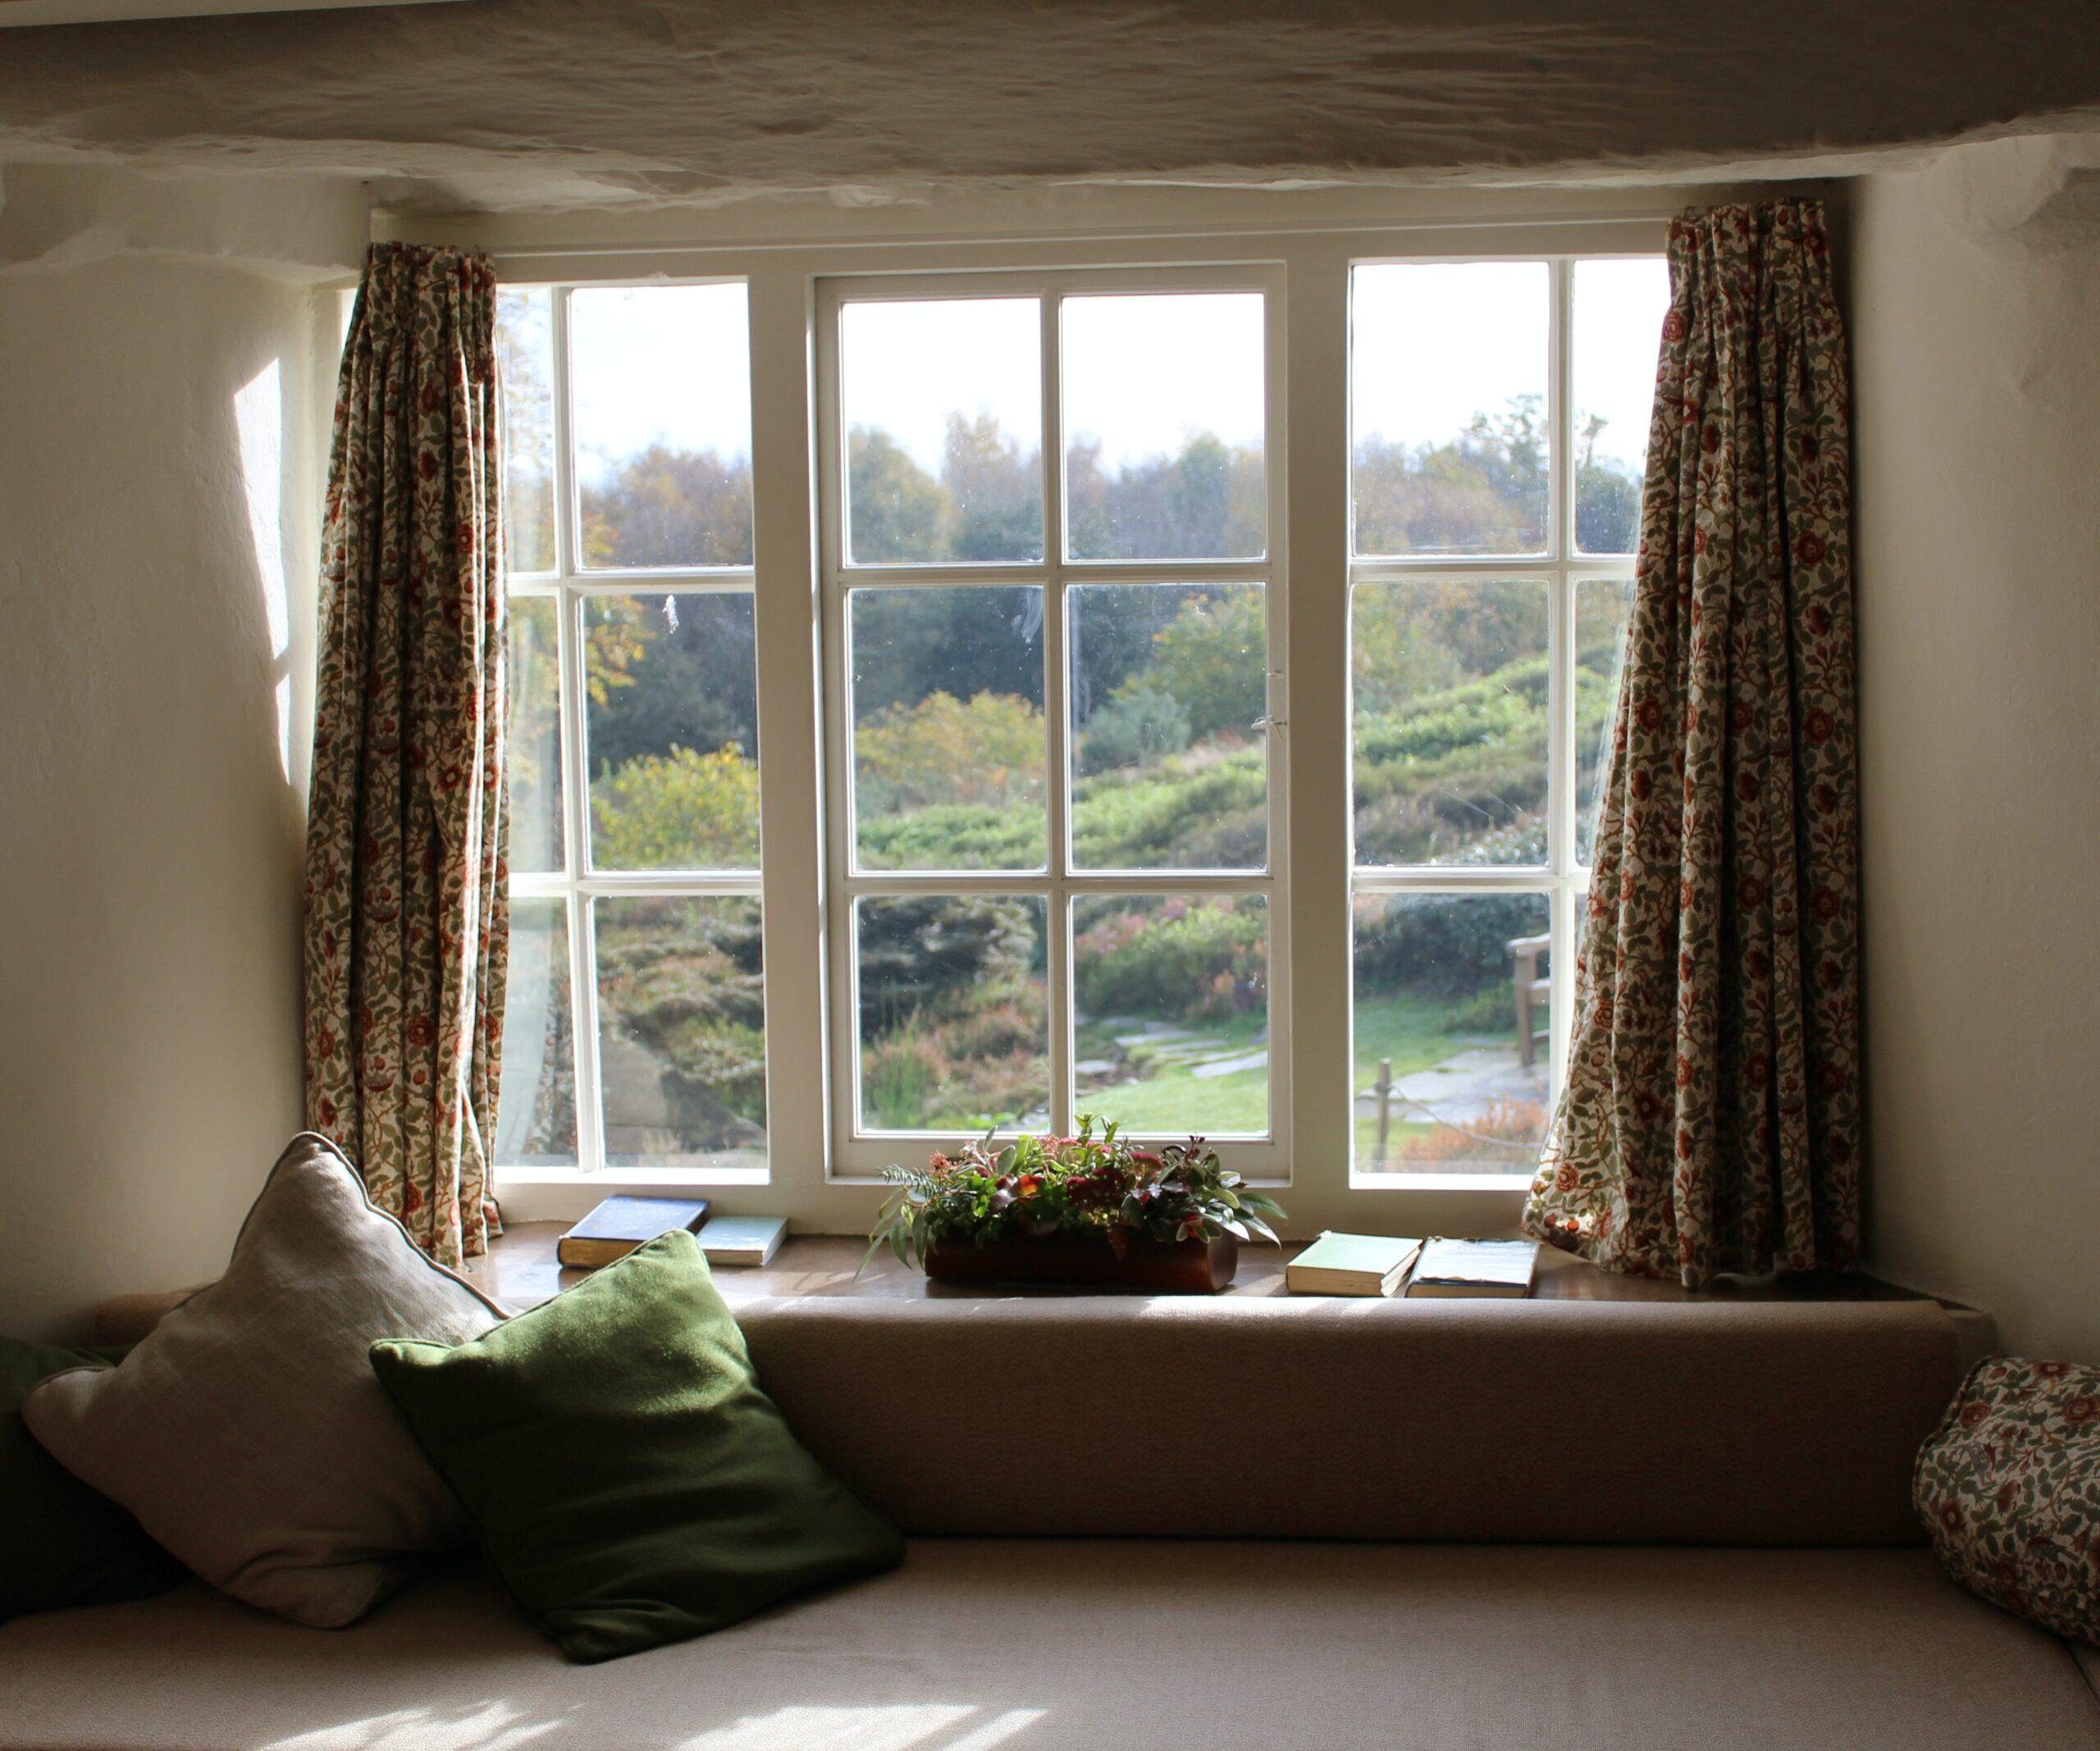 Konserwacja iregulacja okien PCV – aby okna służyły przezlata